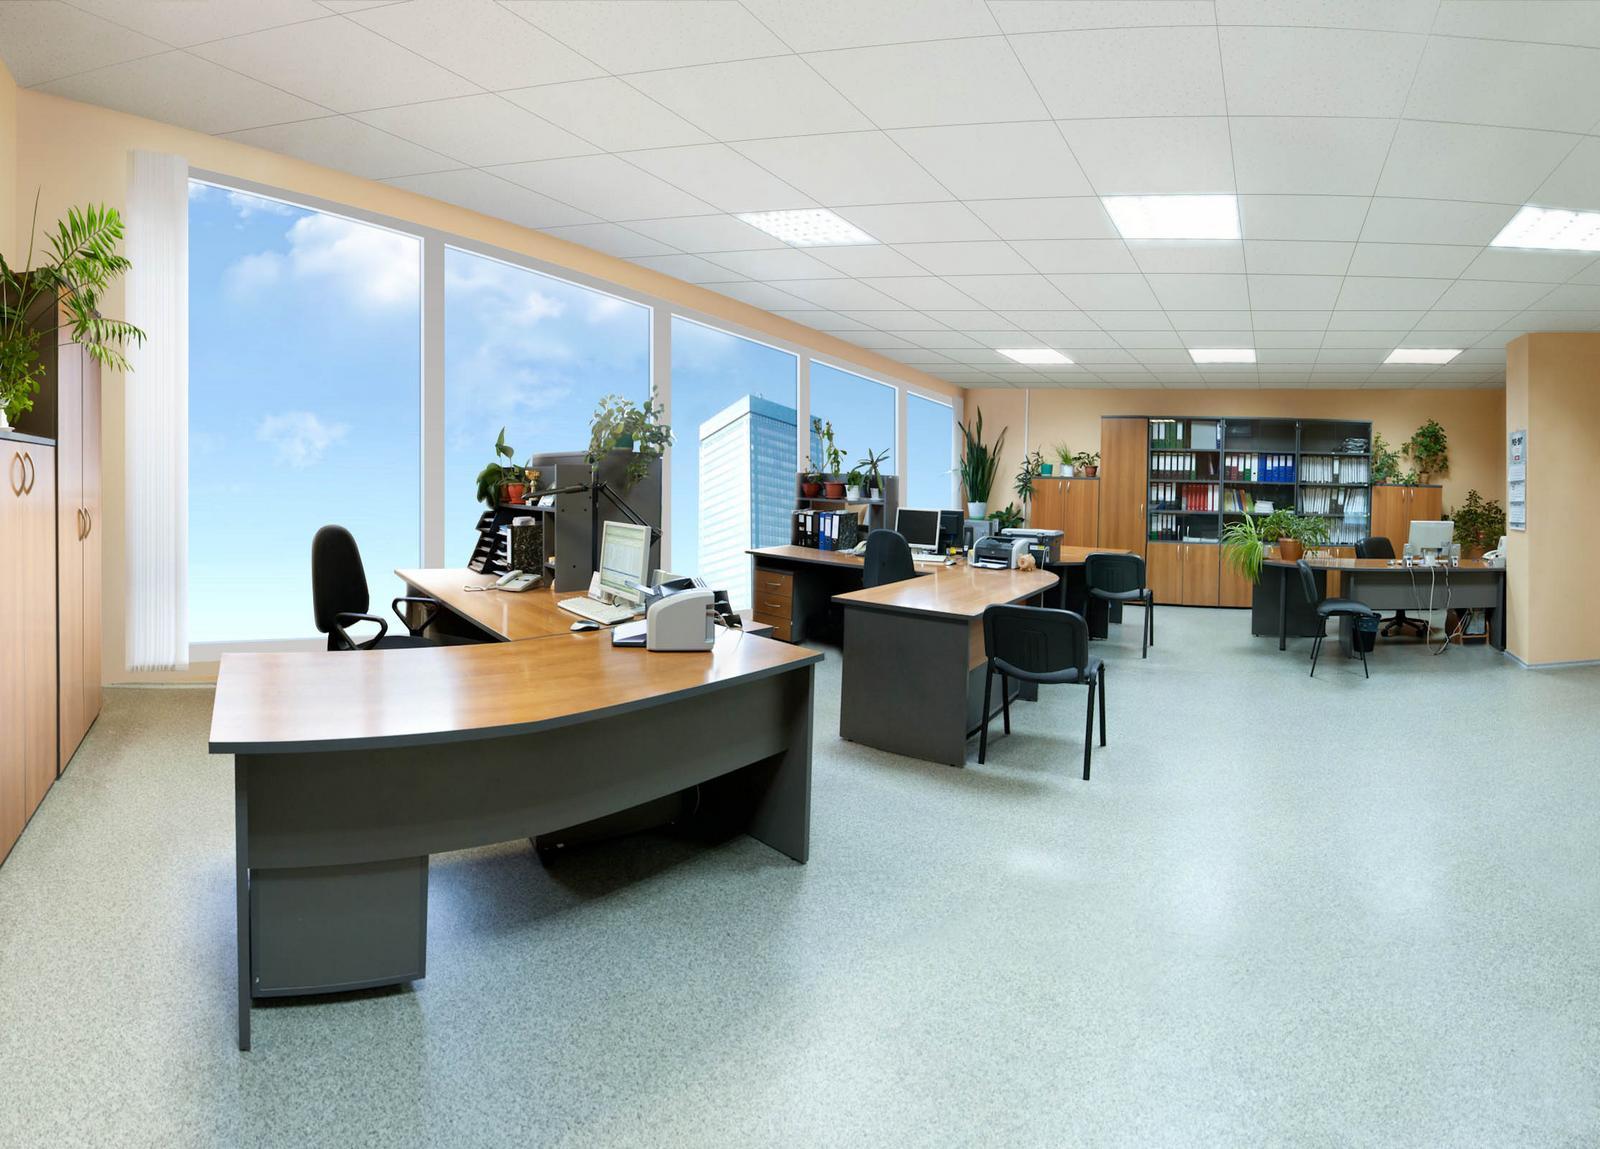 Аренда офиса малый бизнес аренда офиса метро фрунзенская 1 линия